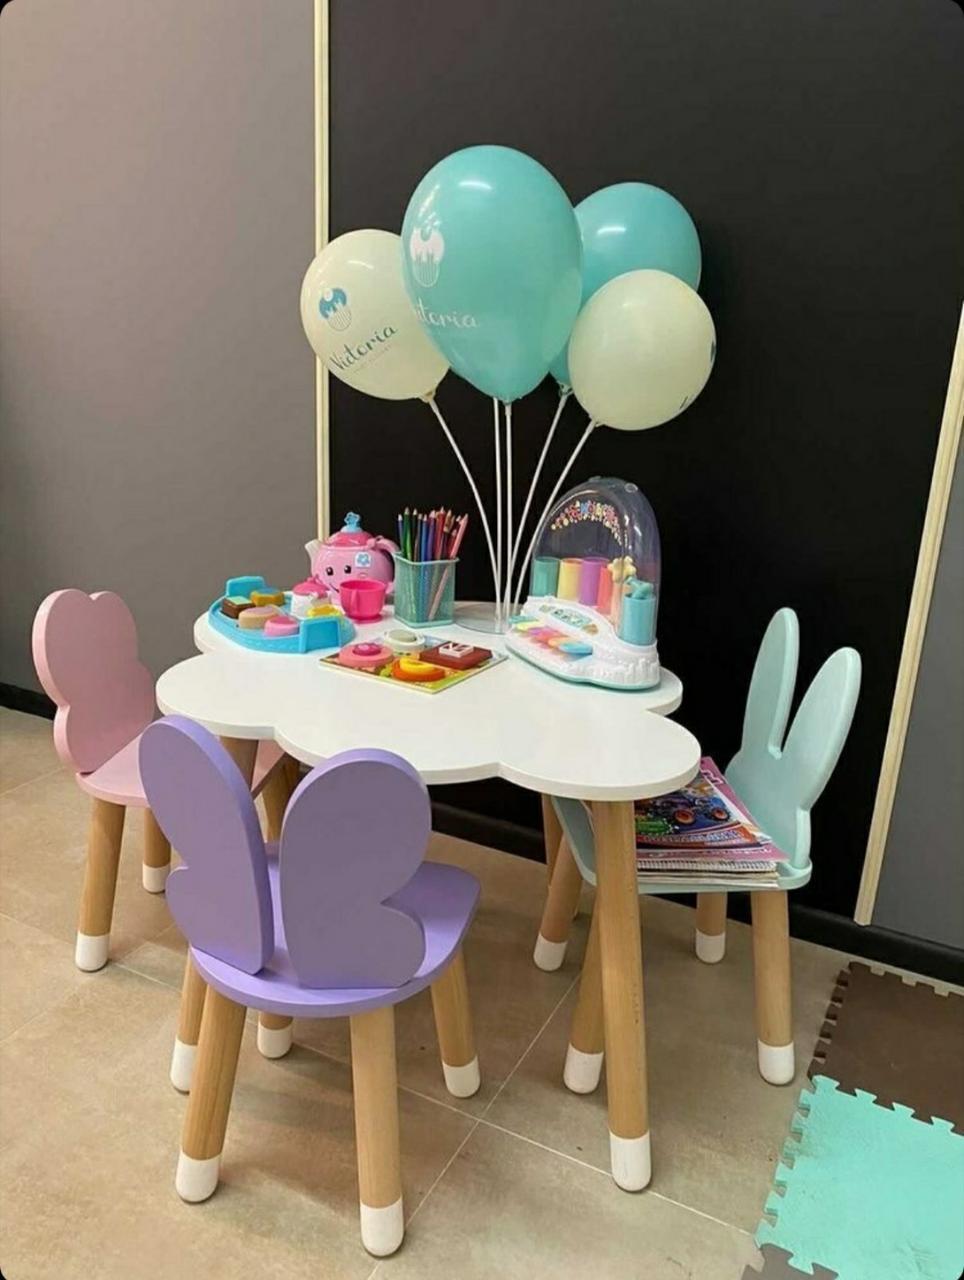 """Дитячий стіл хмара і 3 стільці (стільці: """"хмарка"""",""""зайчик""""нова модель """"метелик"""")"""